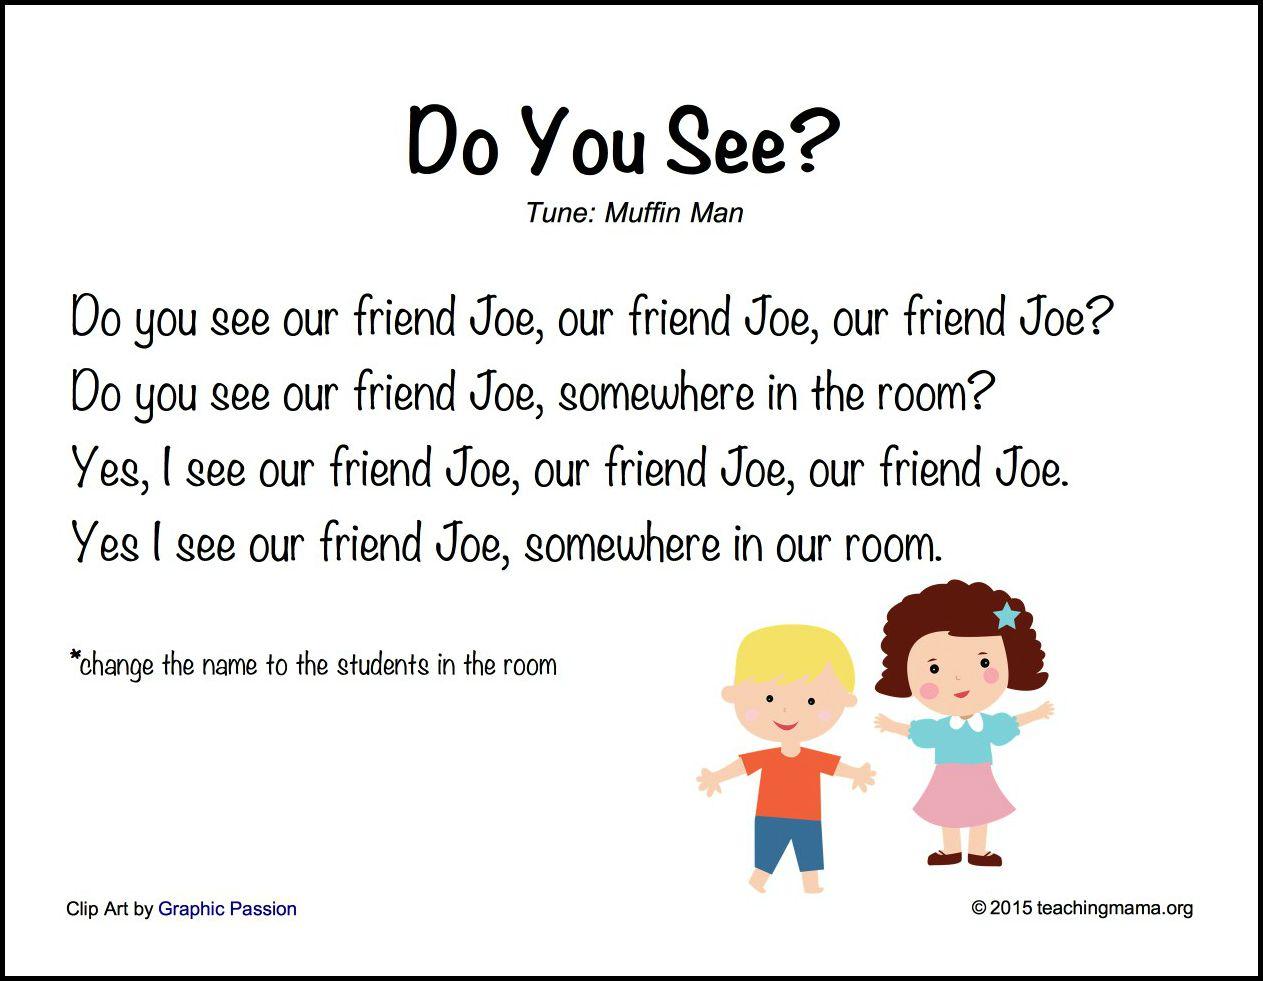 children s preschool songs back to school songs for preschoolers 438